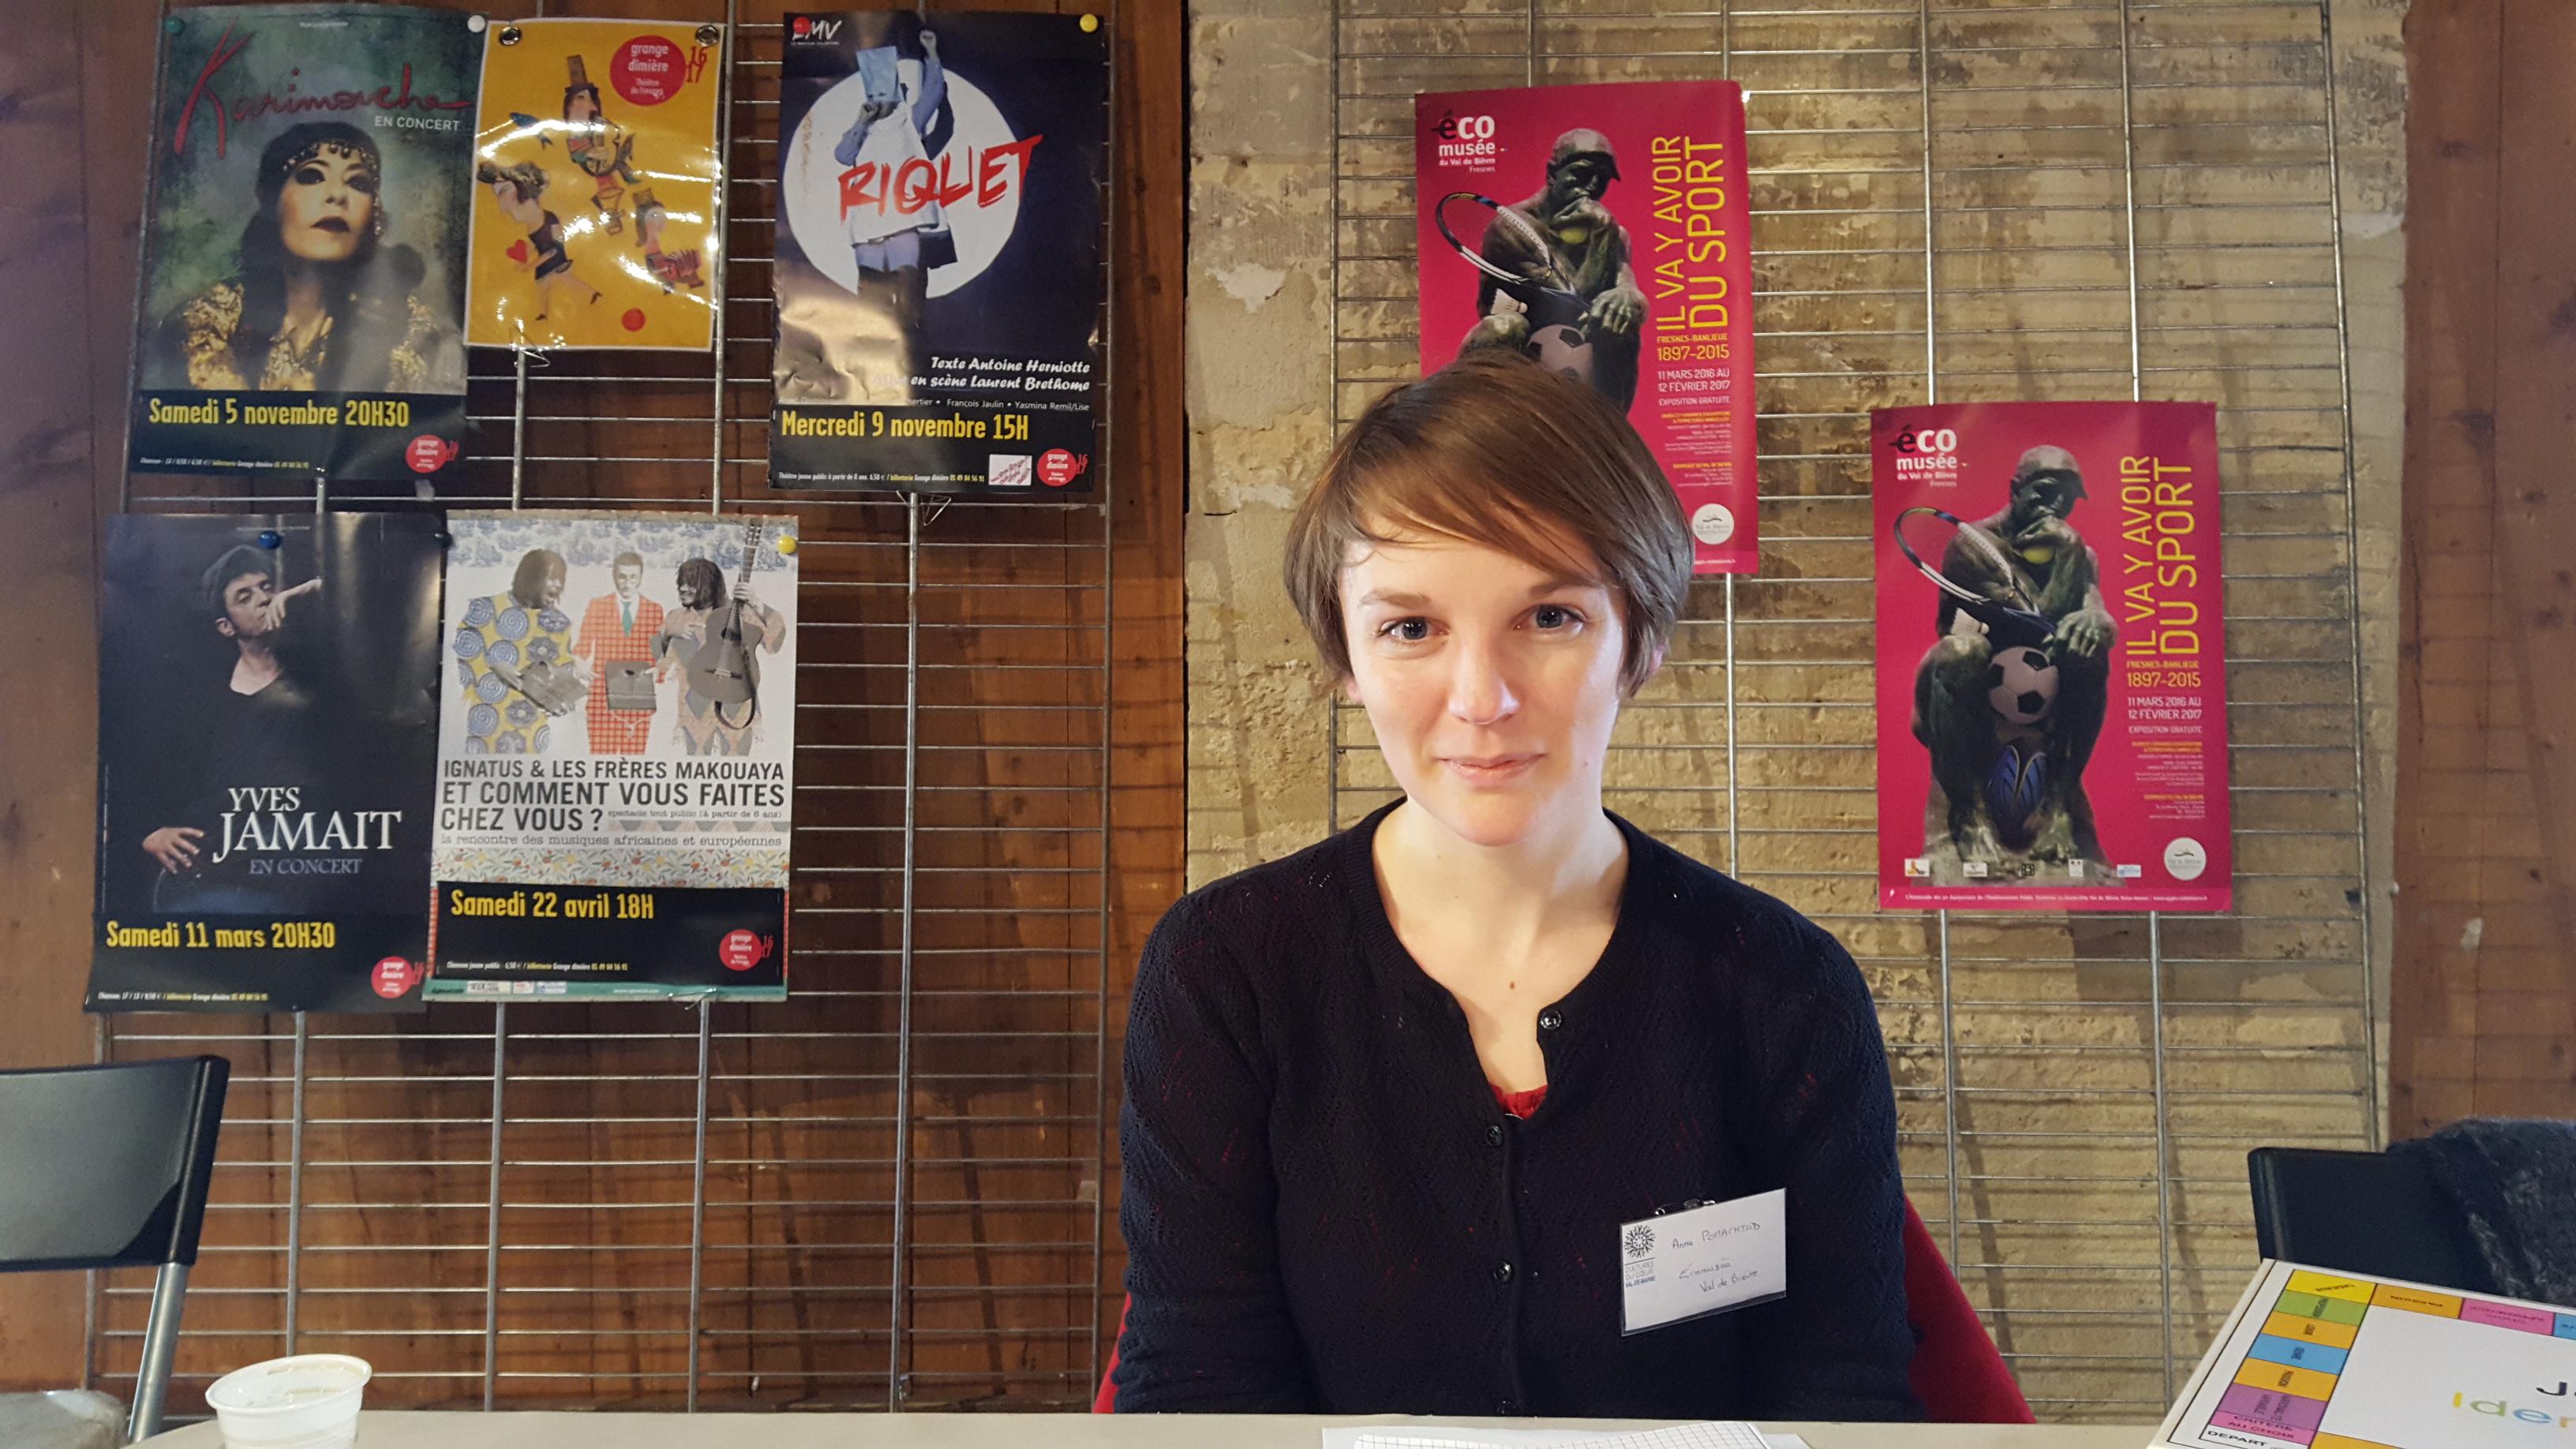 forum-culture-vitry-gare-au-théâtre-culture-du-coeur (3)